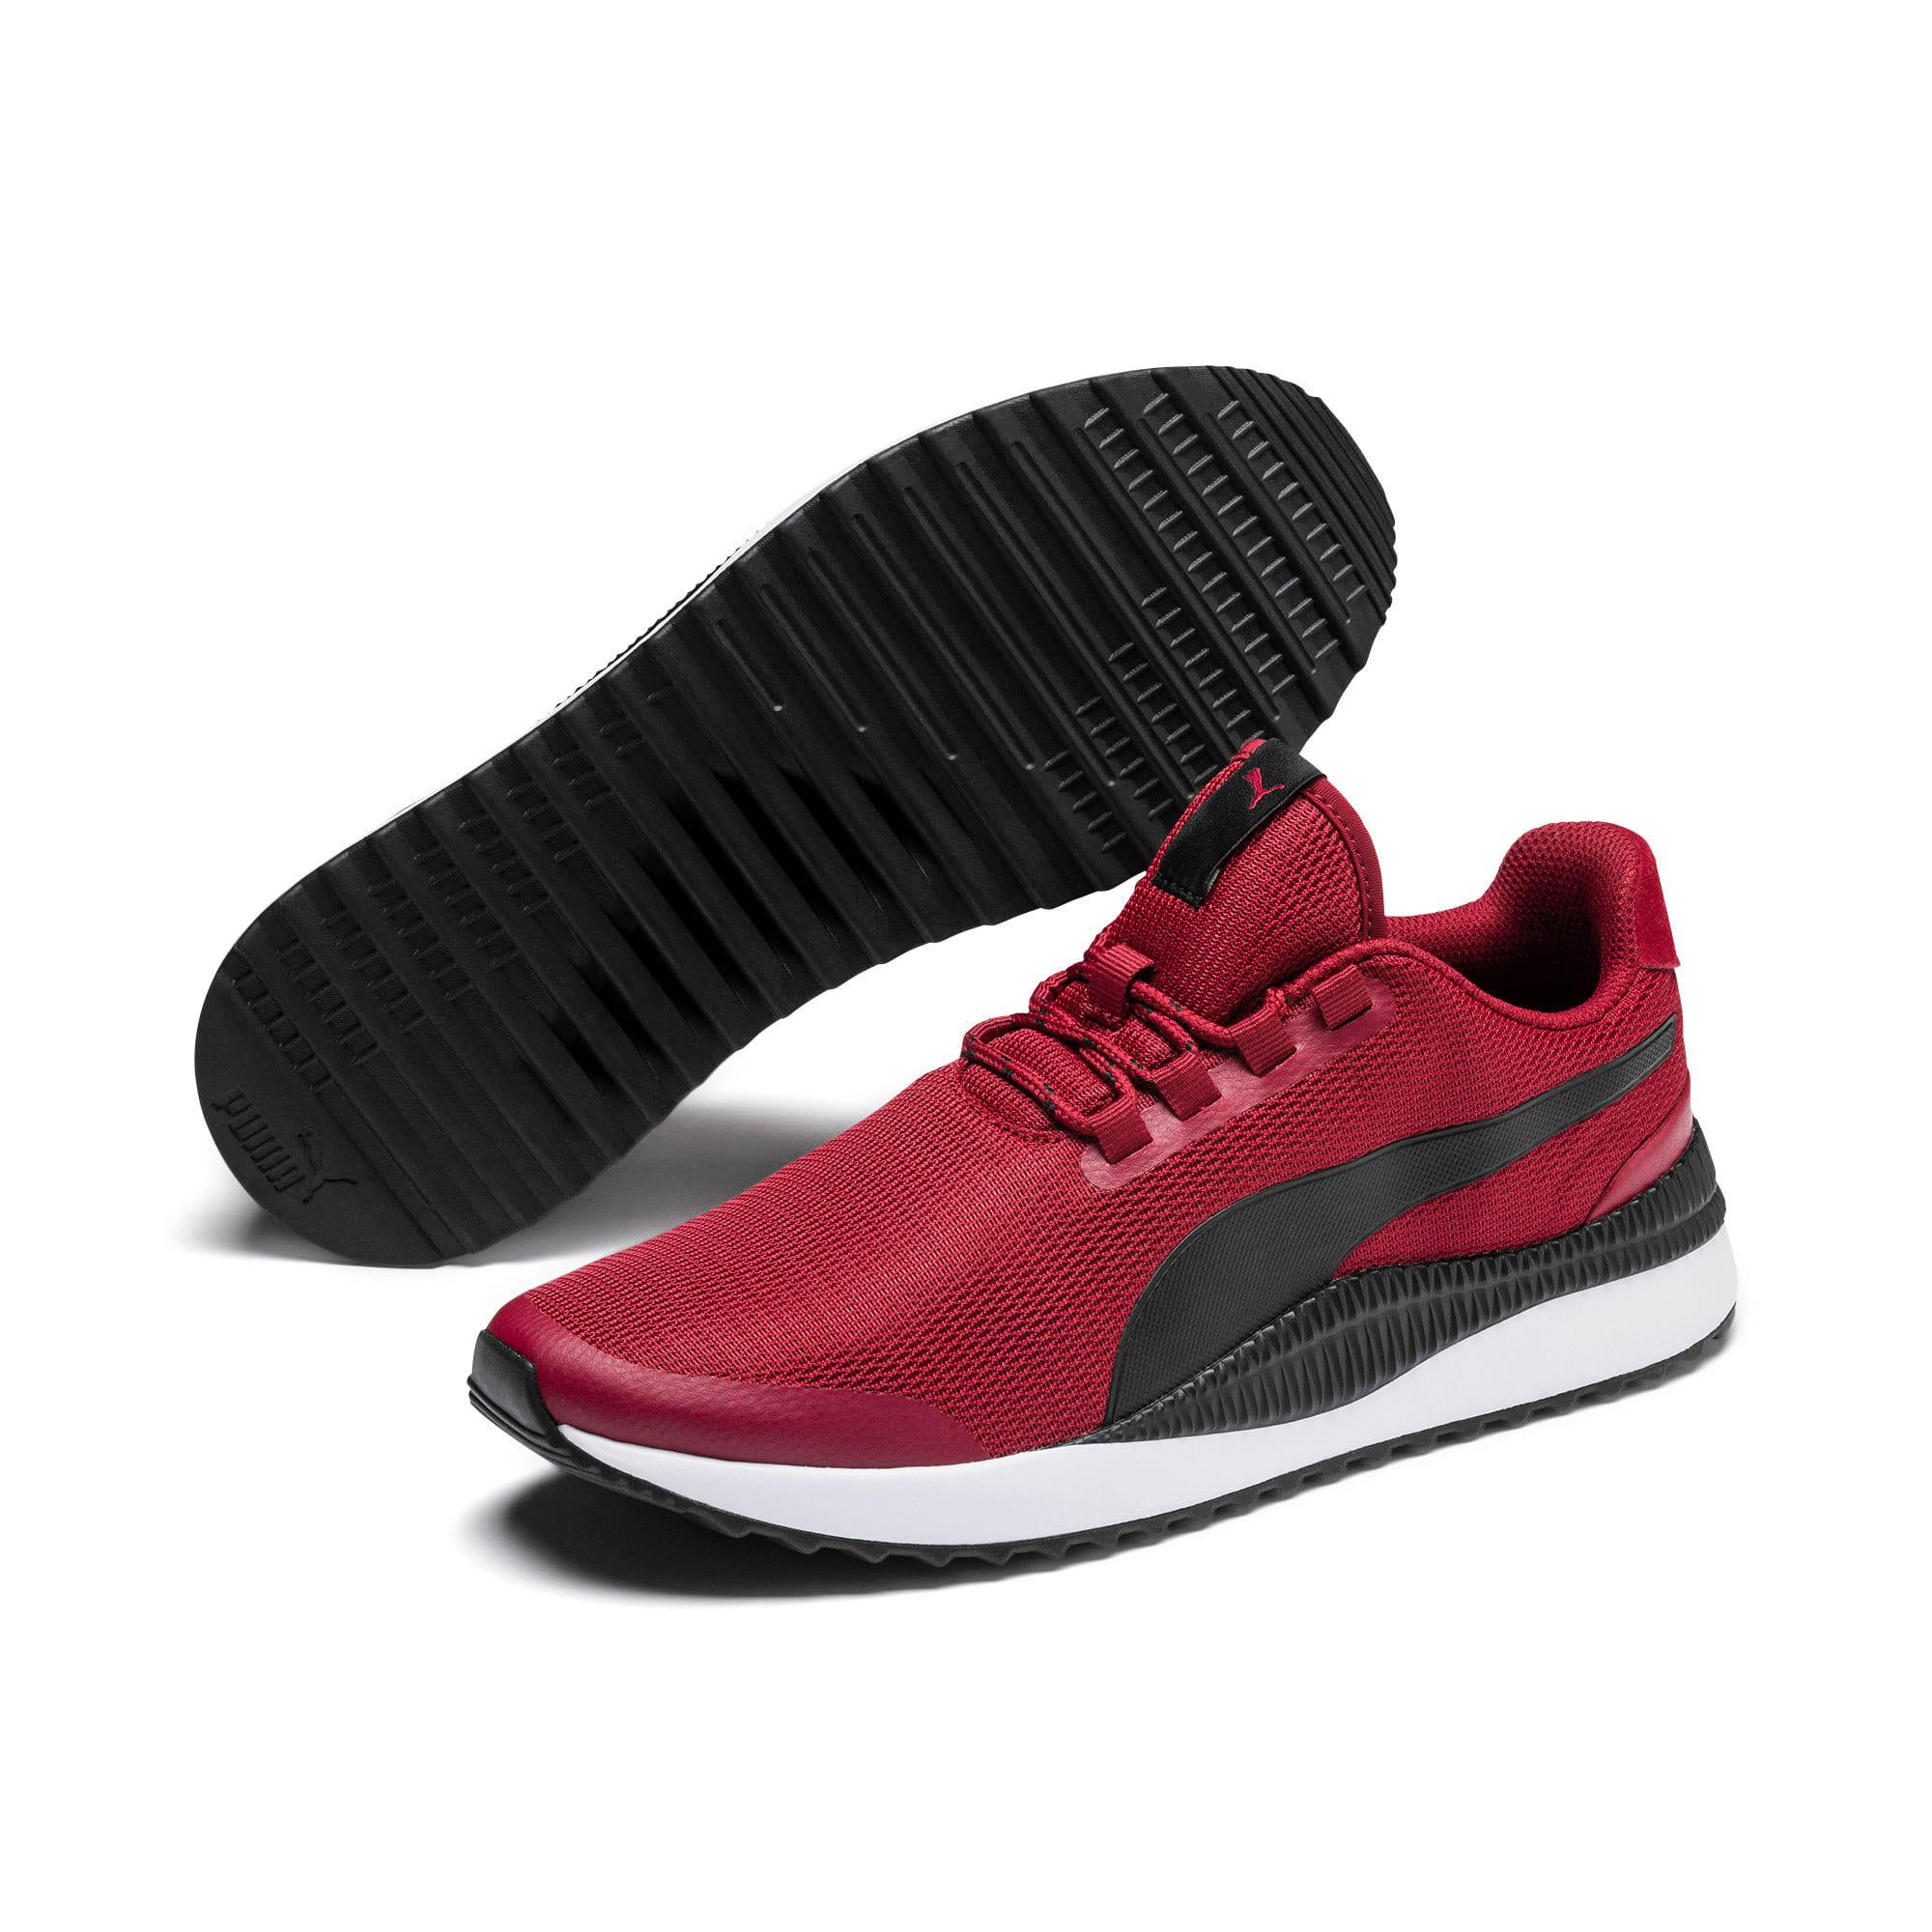 Miniatura 3 de Zapatos deportivosPacer Next FS, Rhubarb-Puma Black, mediano